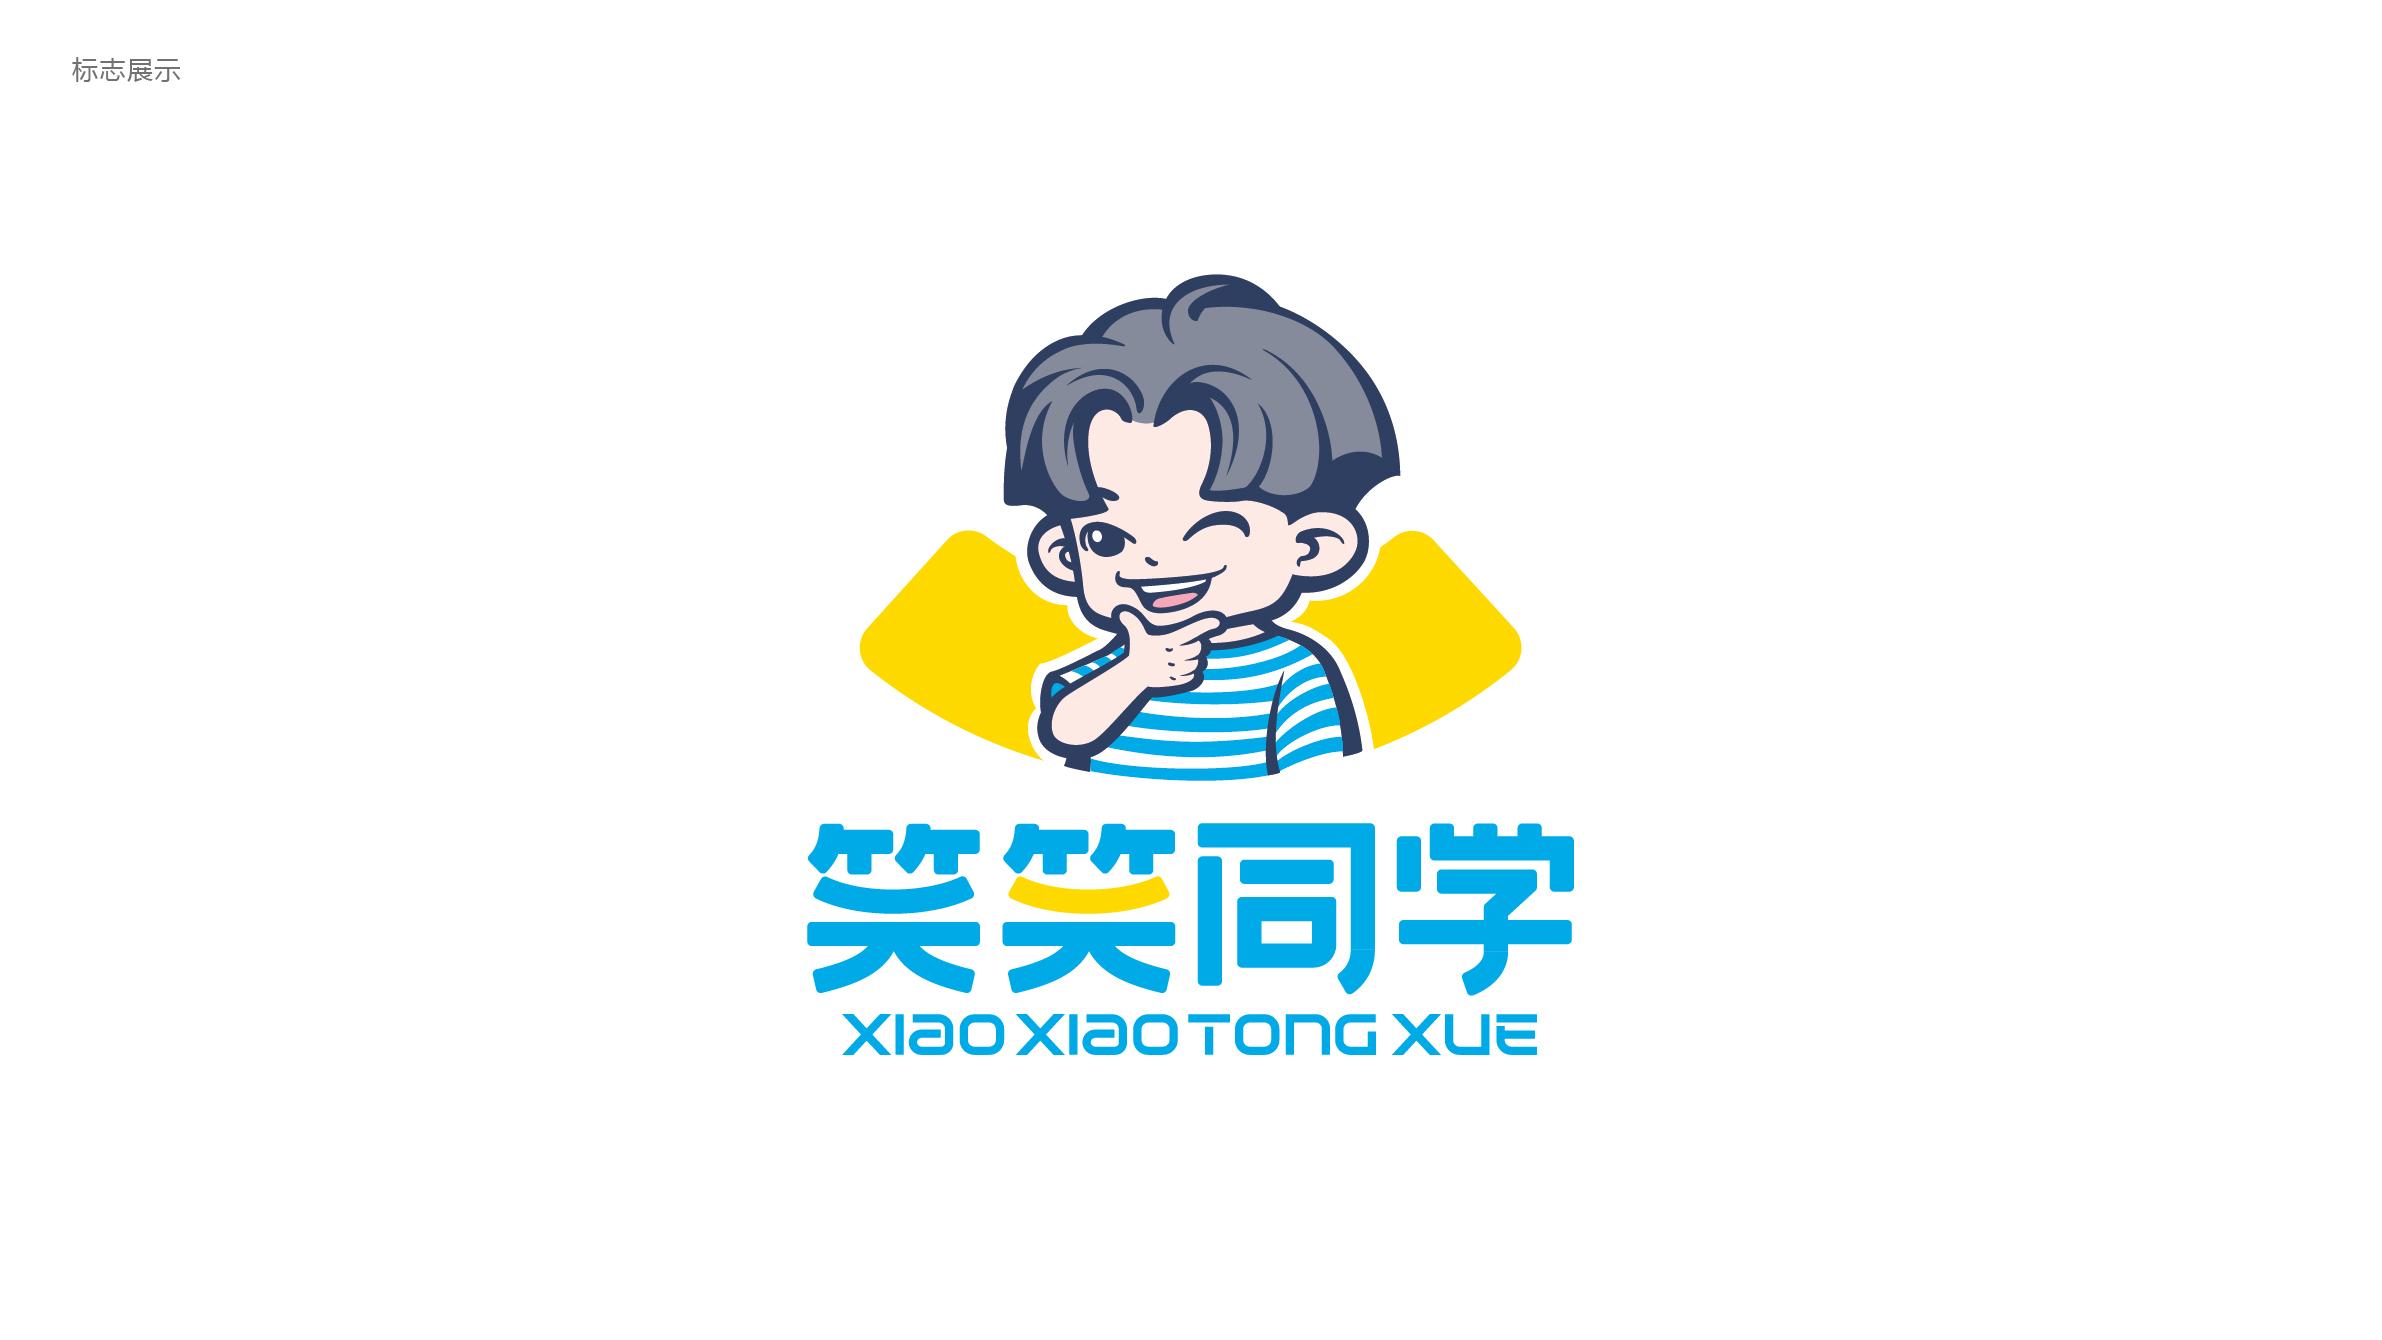 笑笑同学餐饮品牌卡通人物LOGO设计